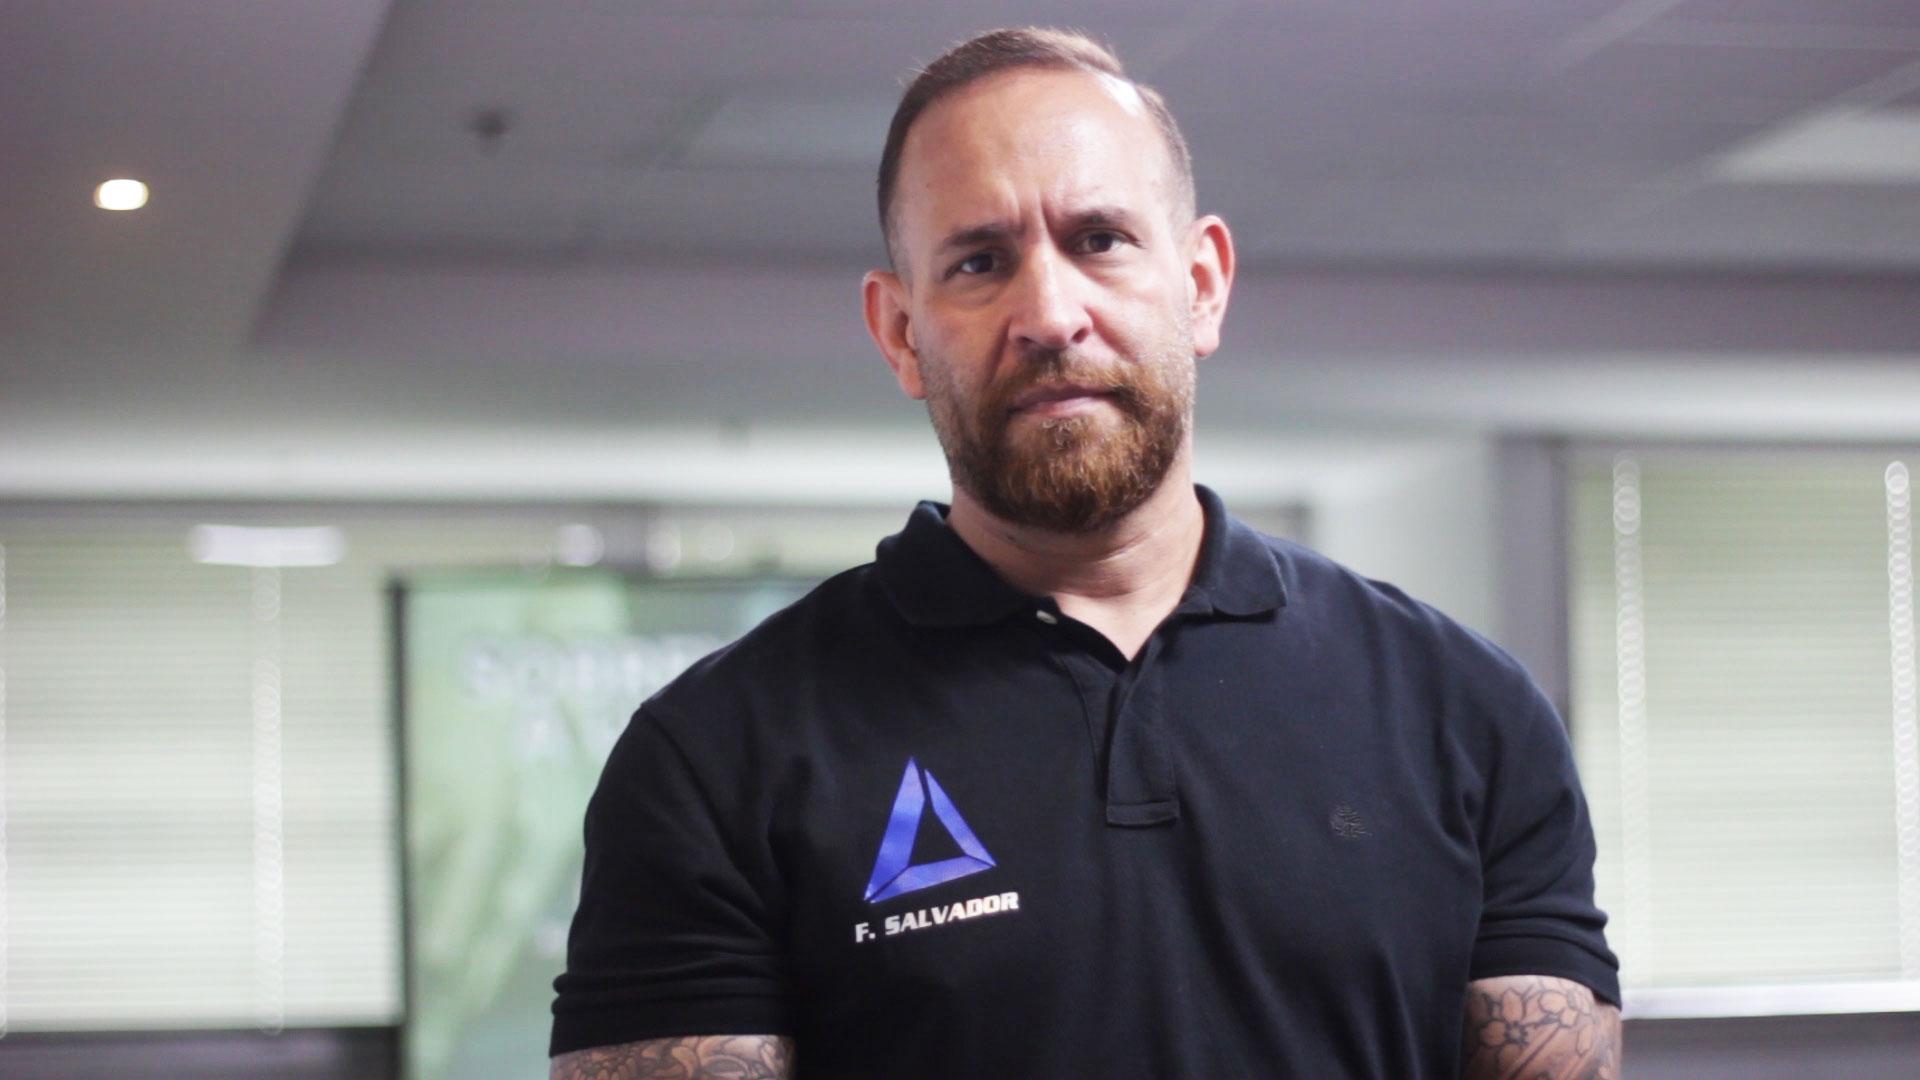 La disciplina de combate de origen brasileño llegó al país en gran parte por el rol que cumplió este peleador e instructor venezolano en los últimos años